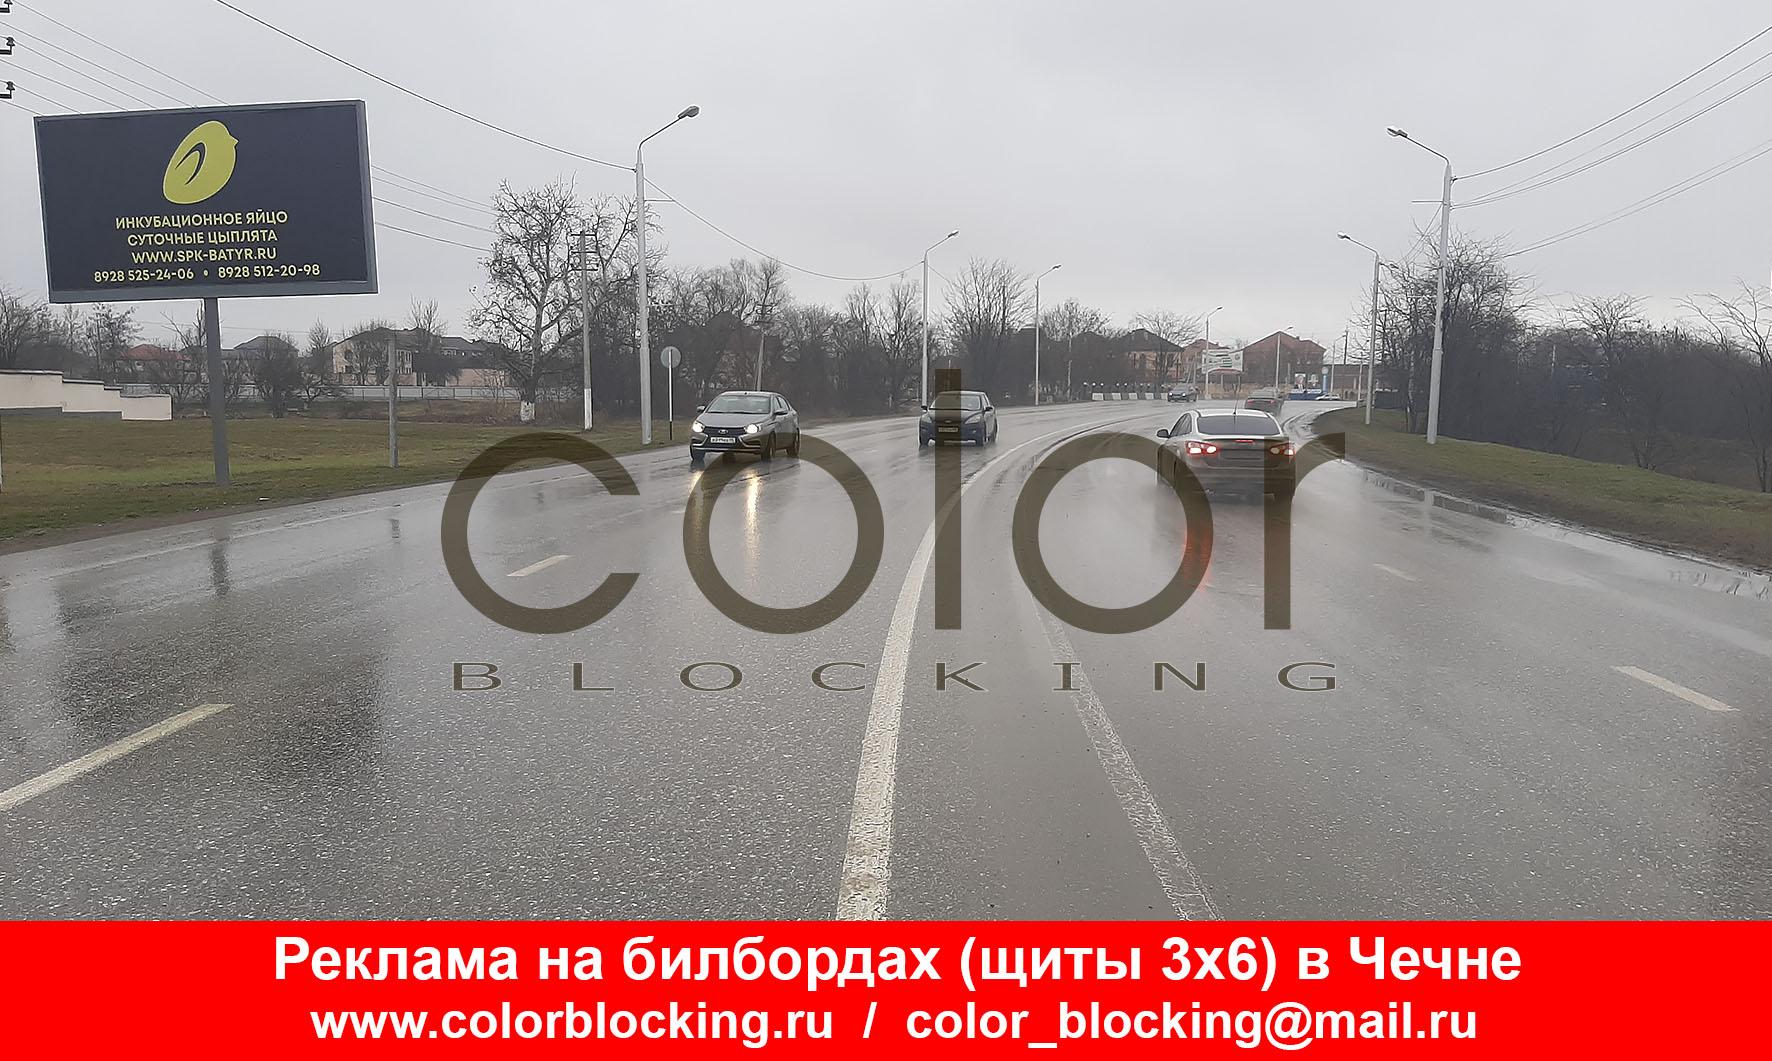 Реклама на билбордах трасса М29 Чеченская Республика